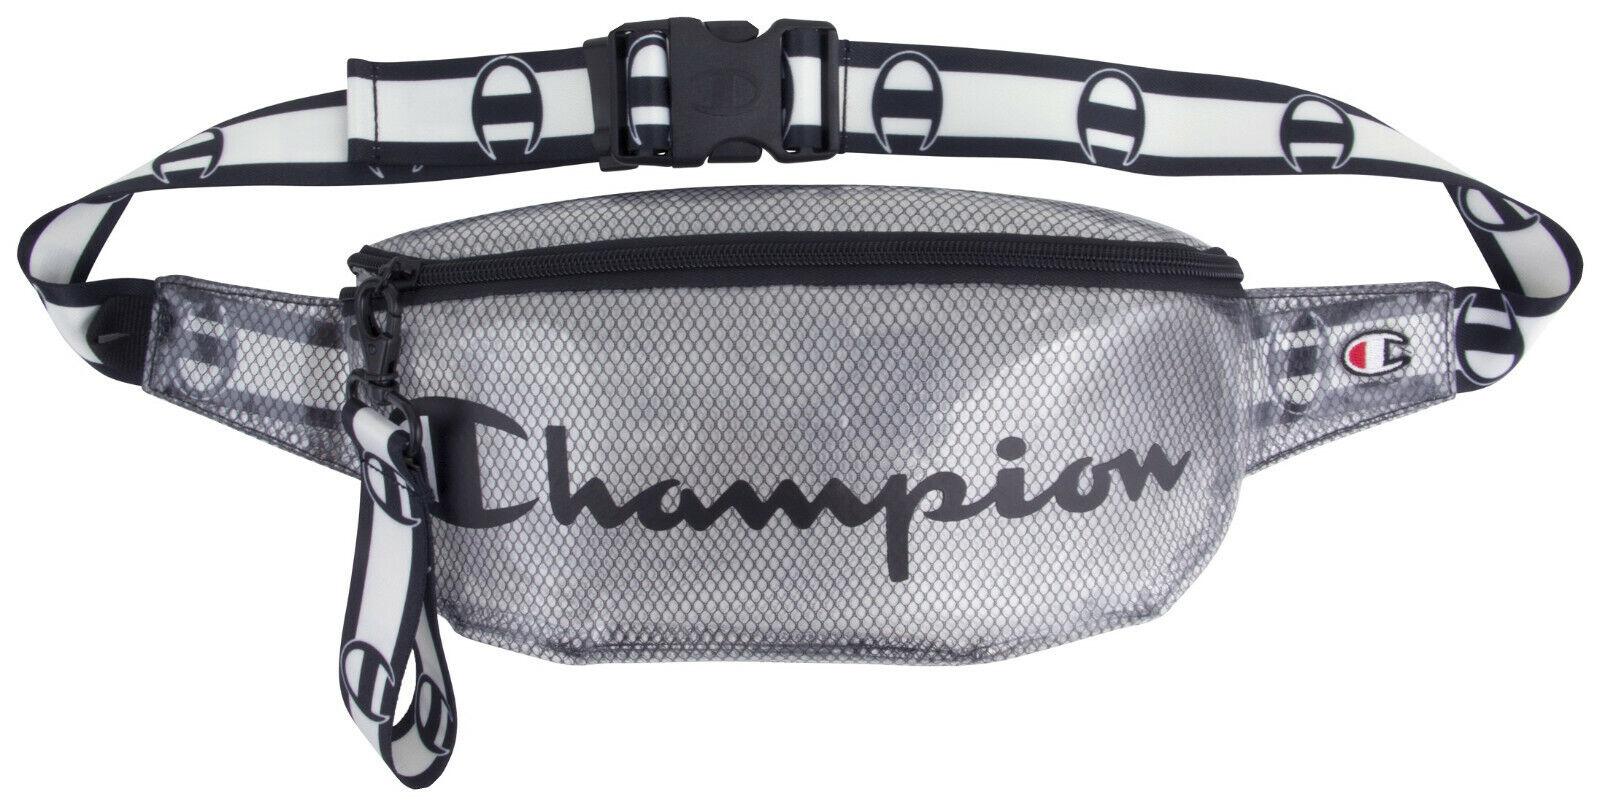 cc2c60488252 Details about Champion Prime Transparent Sling Waist Pack One Size Black-  CH1156